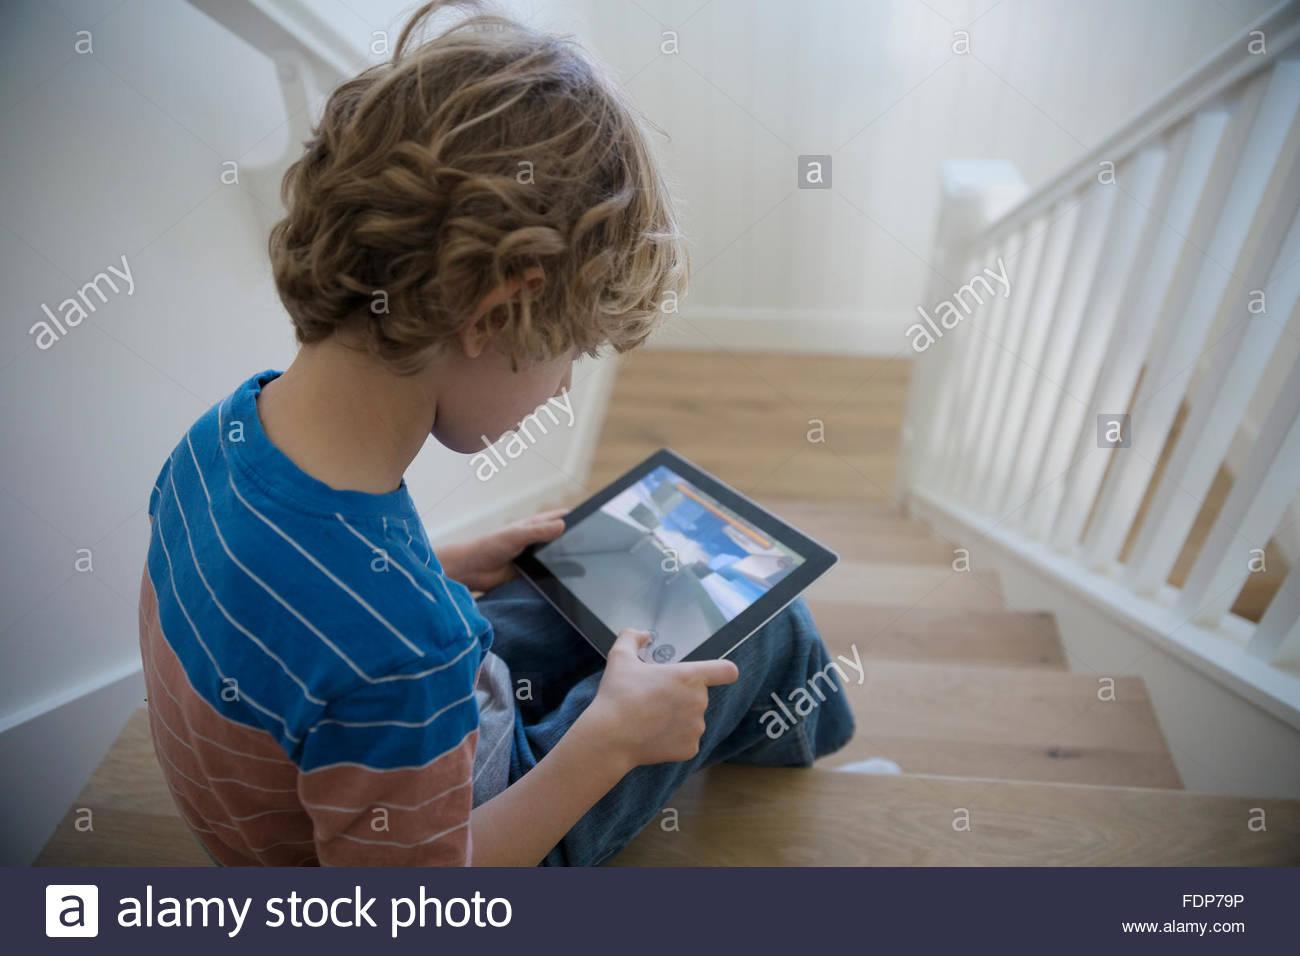 Boy utilizando tablet digital sentados en la escalera Imagen De Stock